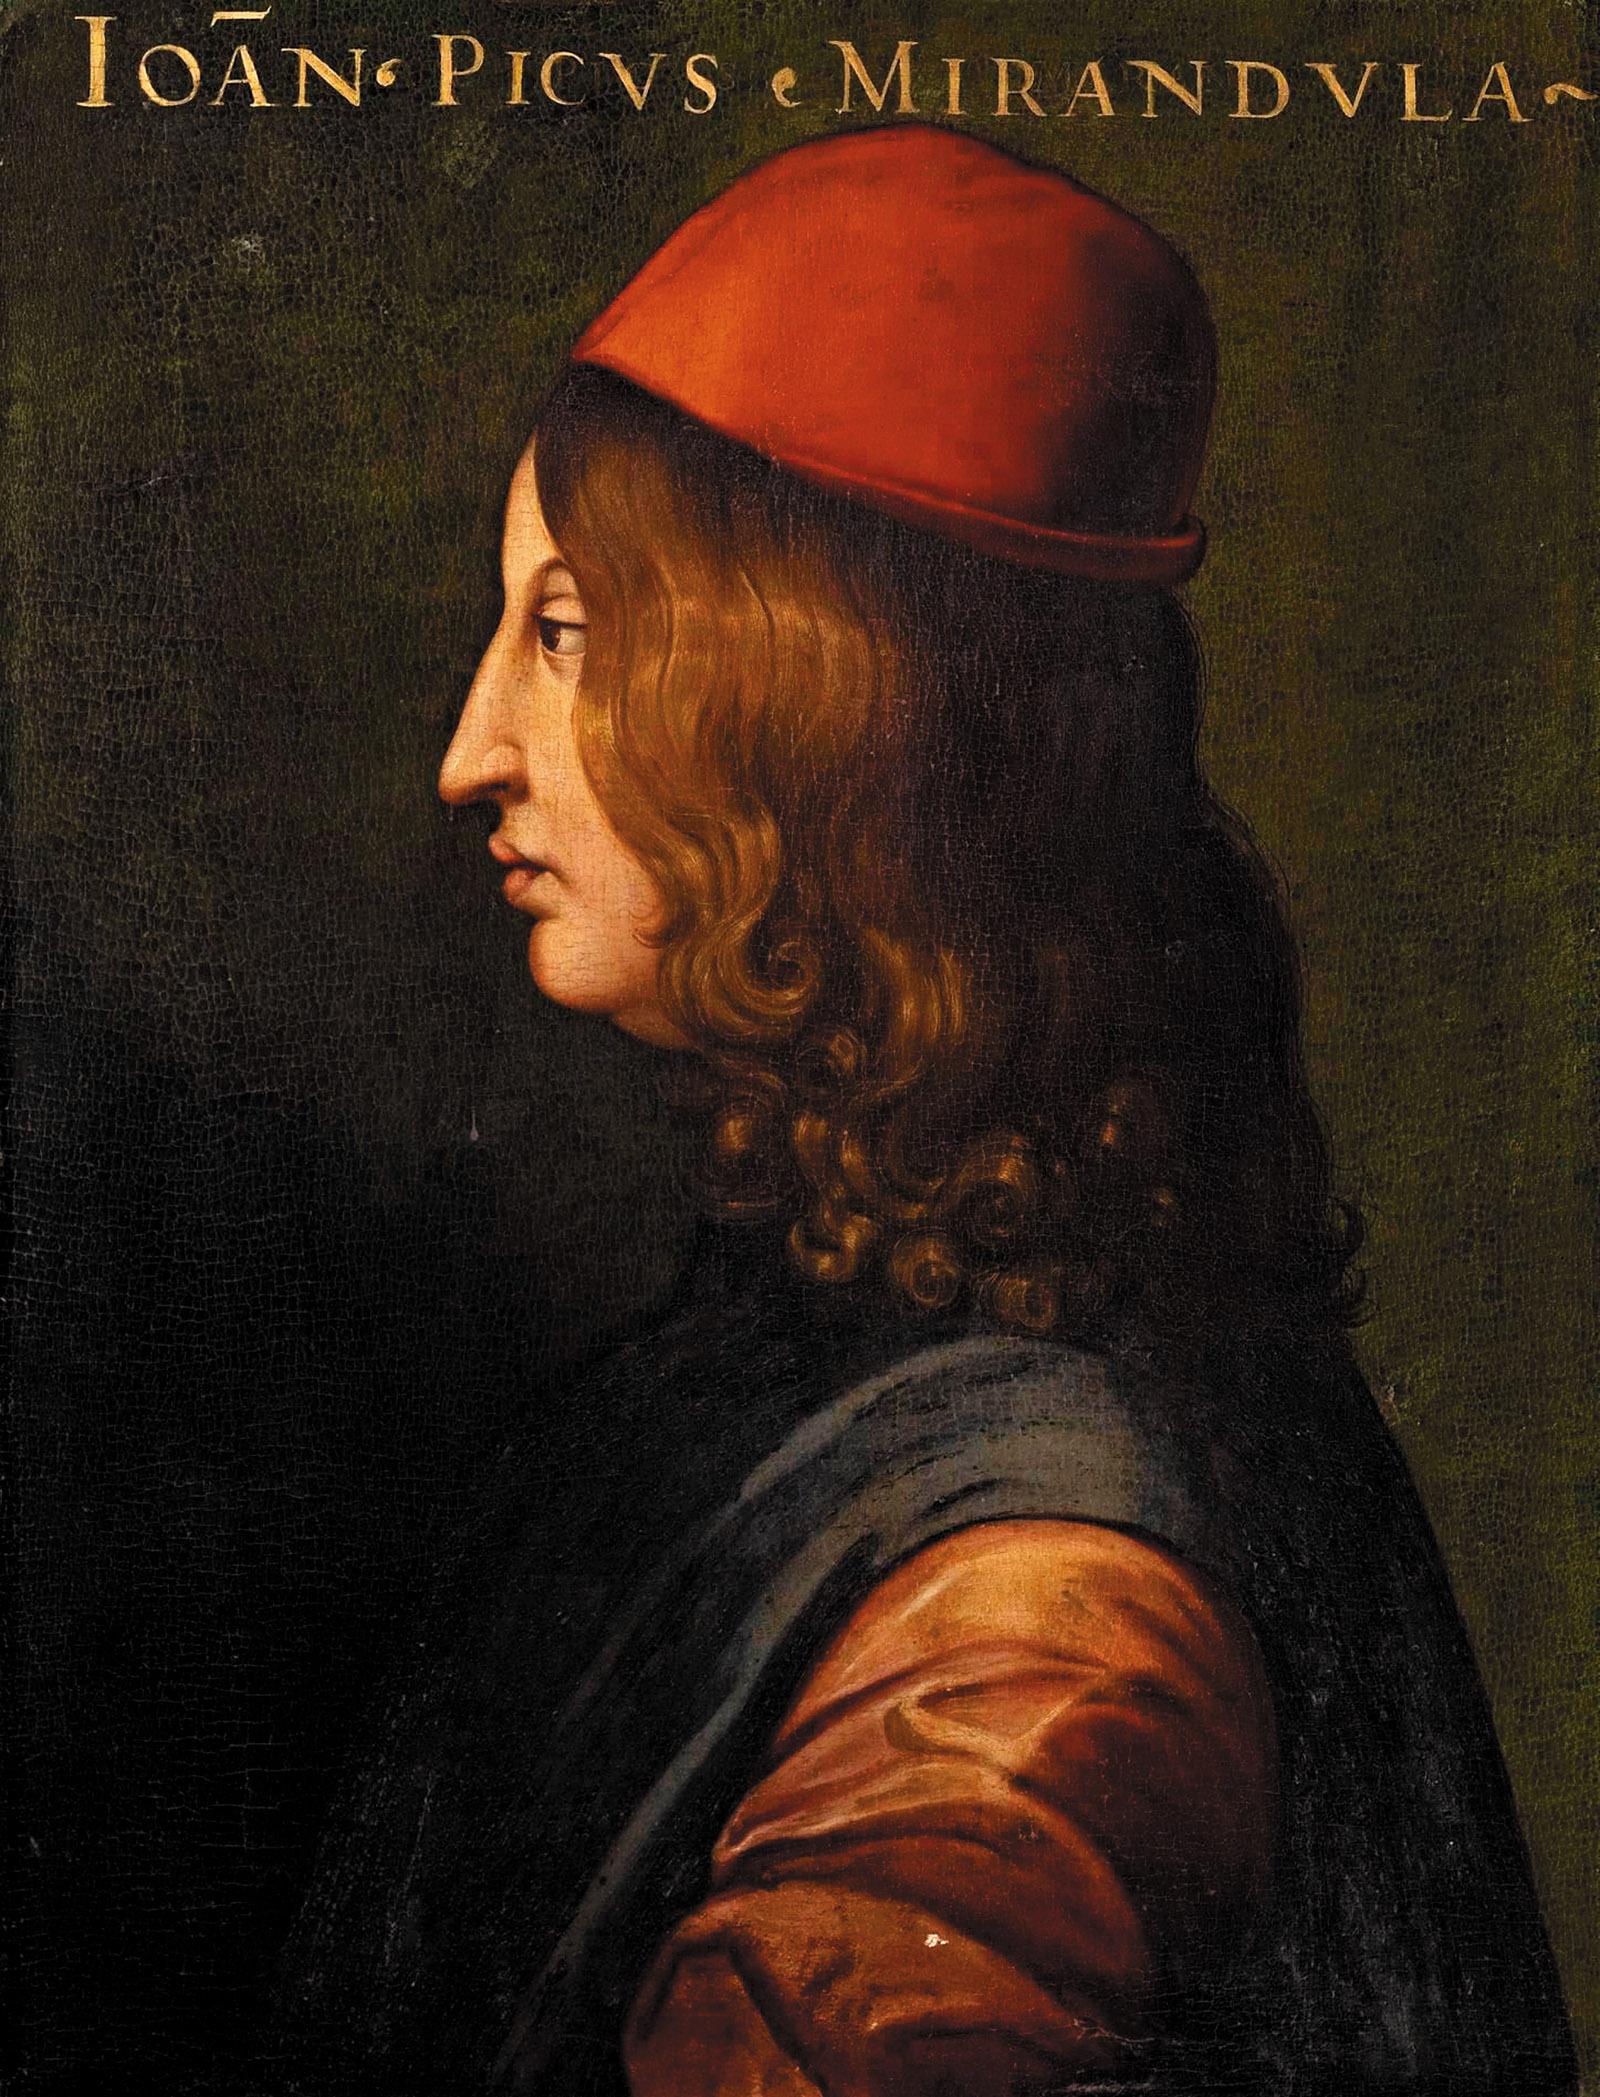 Giovanni Pico della Mirandola; portrait by Cristofano dell'Altissimo